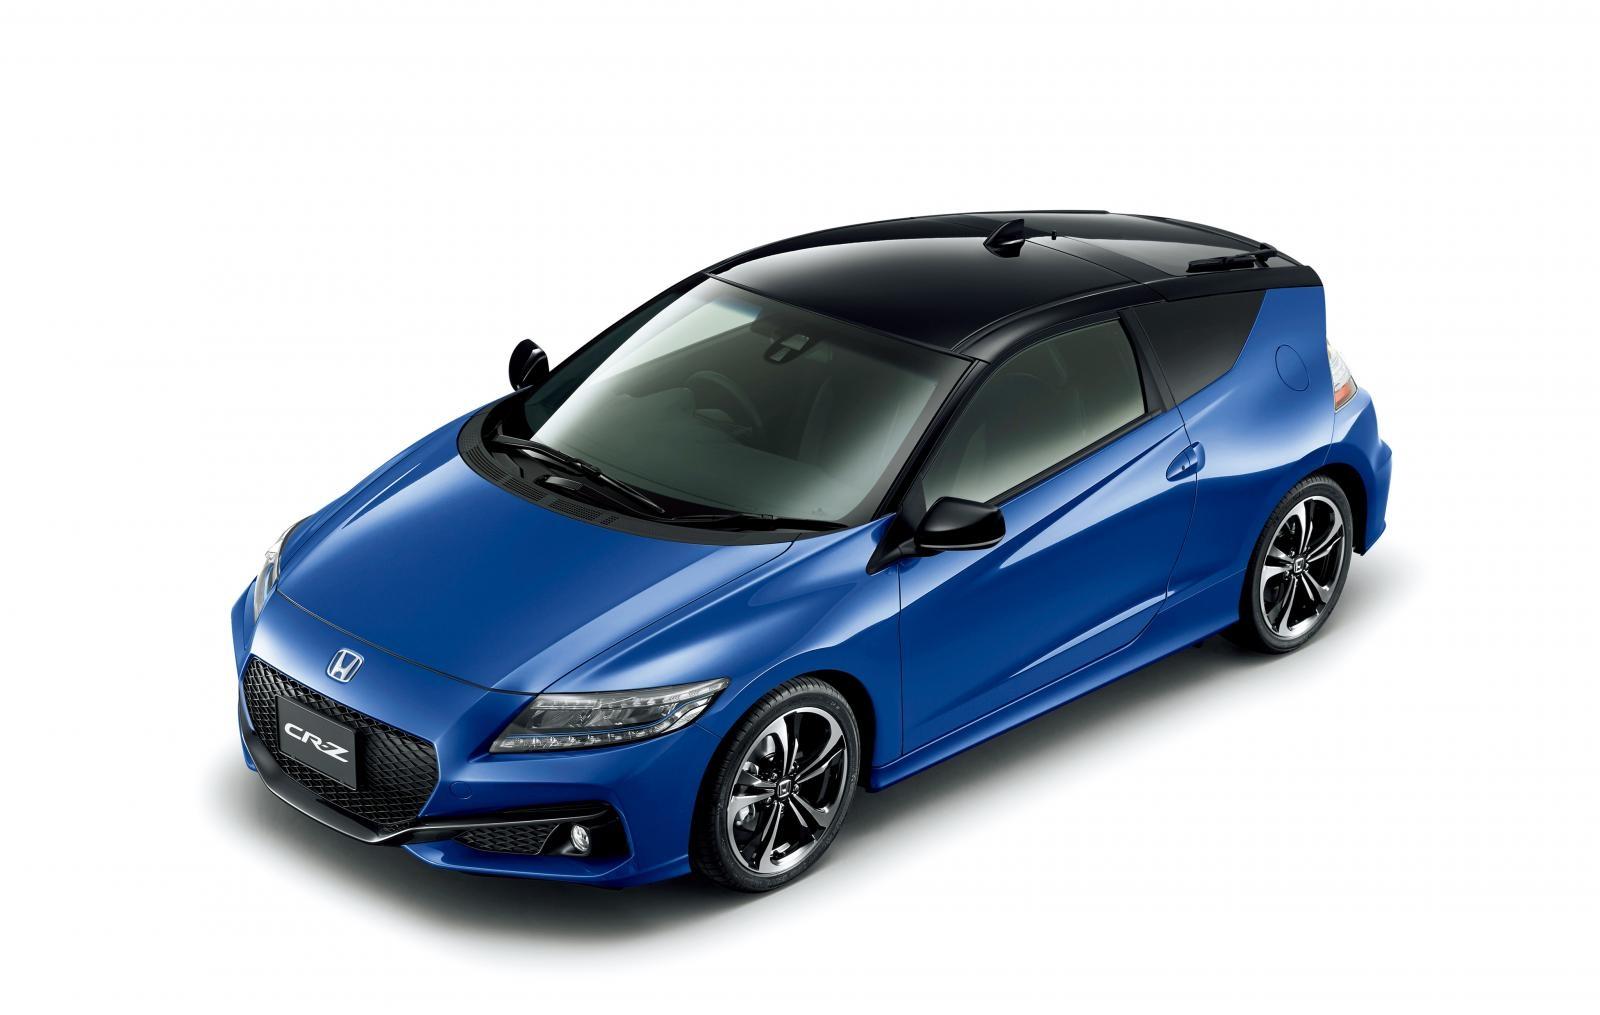 [Image: S0-Honda-officialise-le-restylage-du-CR-Z-360061.jpg]